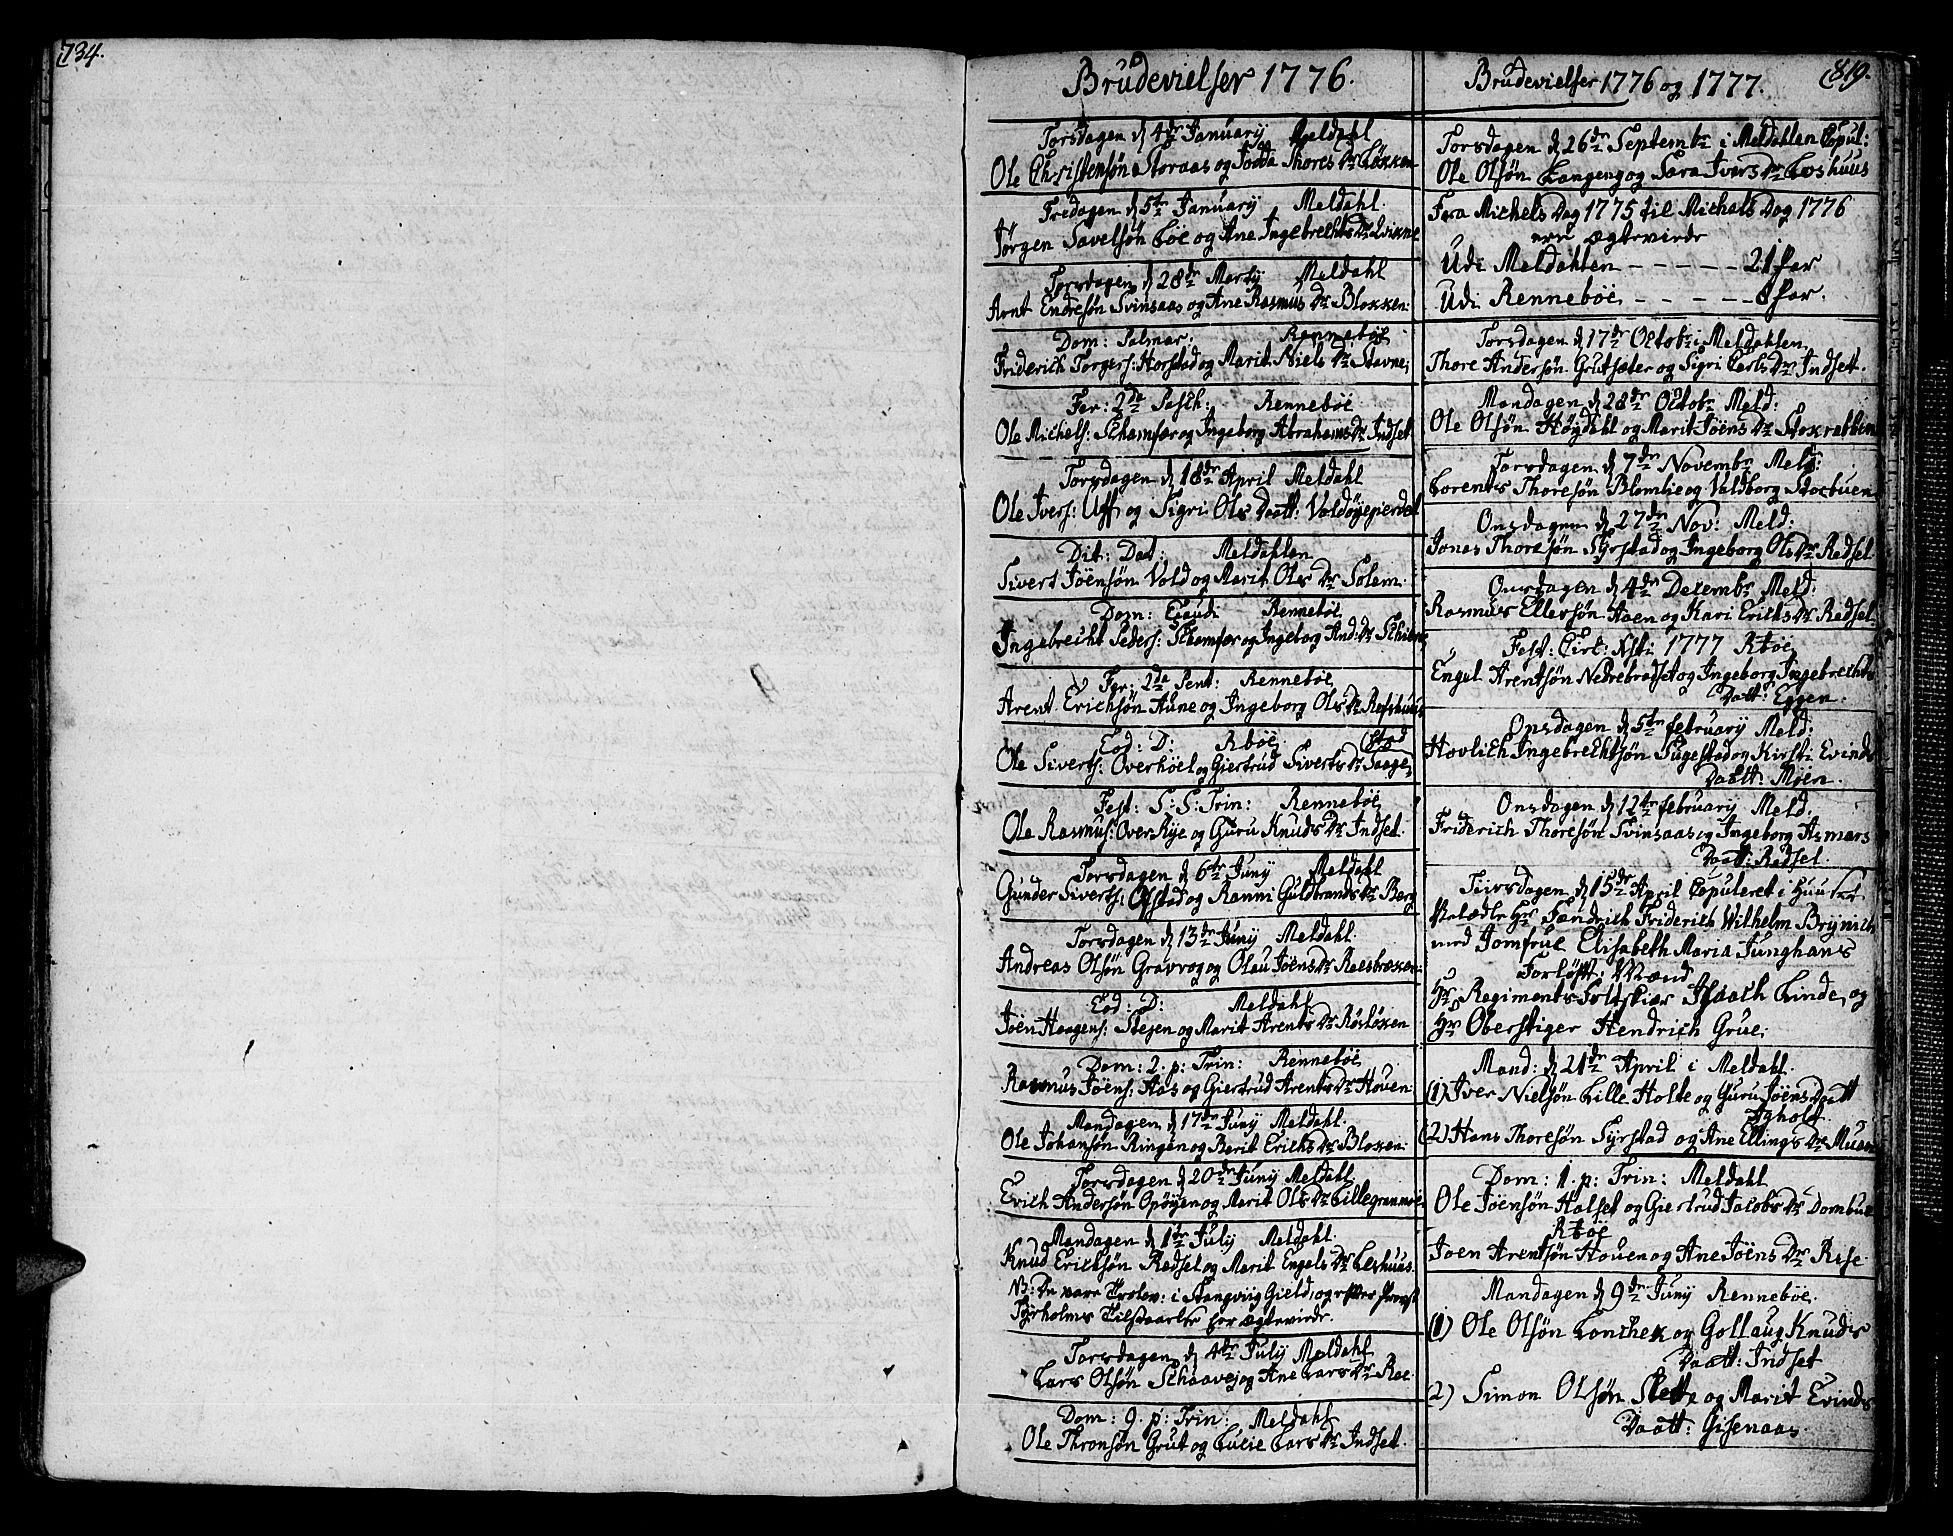 SAT, Ministerialprotokoller, klokkerbøker og fødselsregistre - Sør-Trøndelag, 672/L0852: Ministerialbok nr. 672A05, 1776-1815, s. 734-819